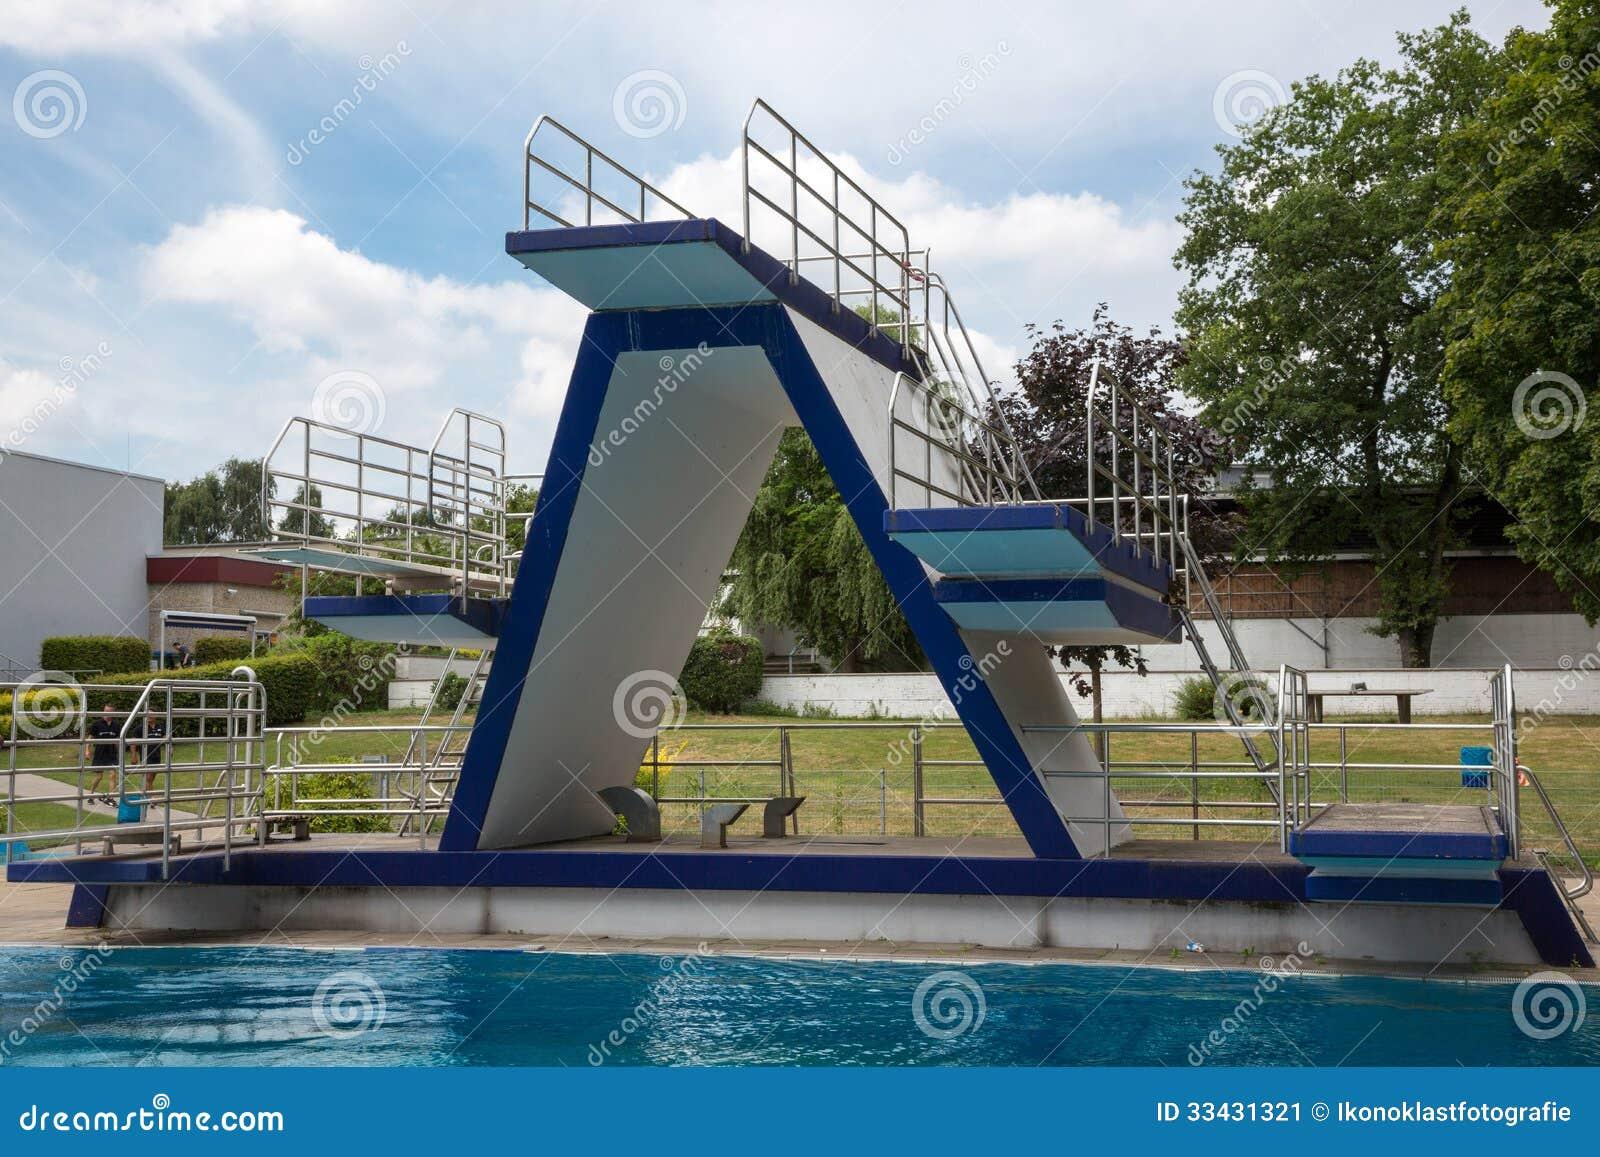 Diving Platform At Swimming Pool Stock Image Image 33431321